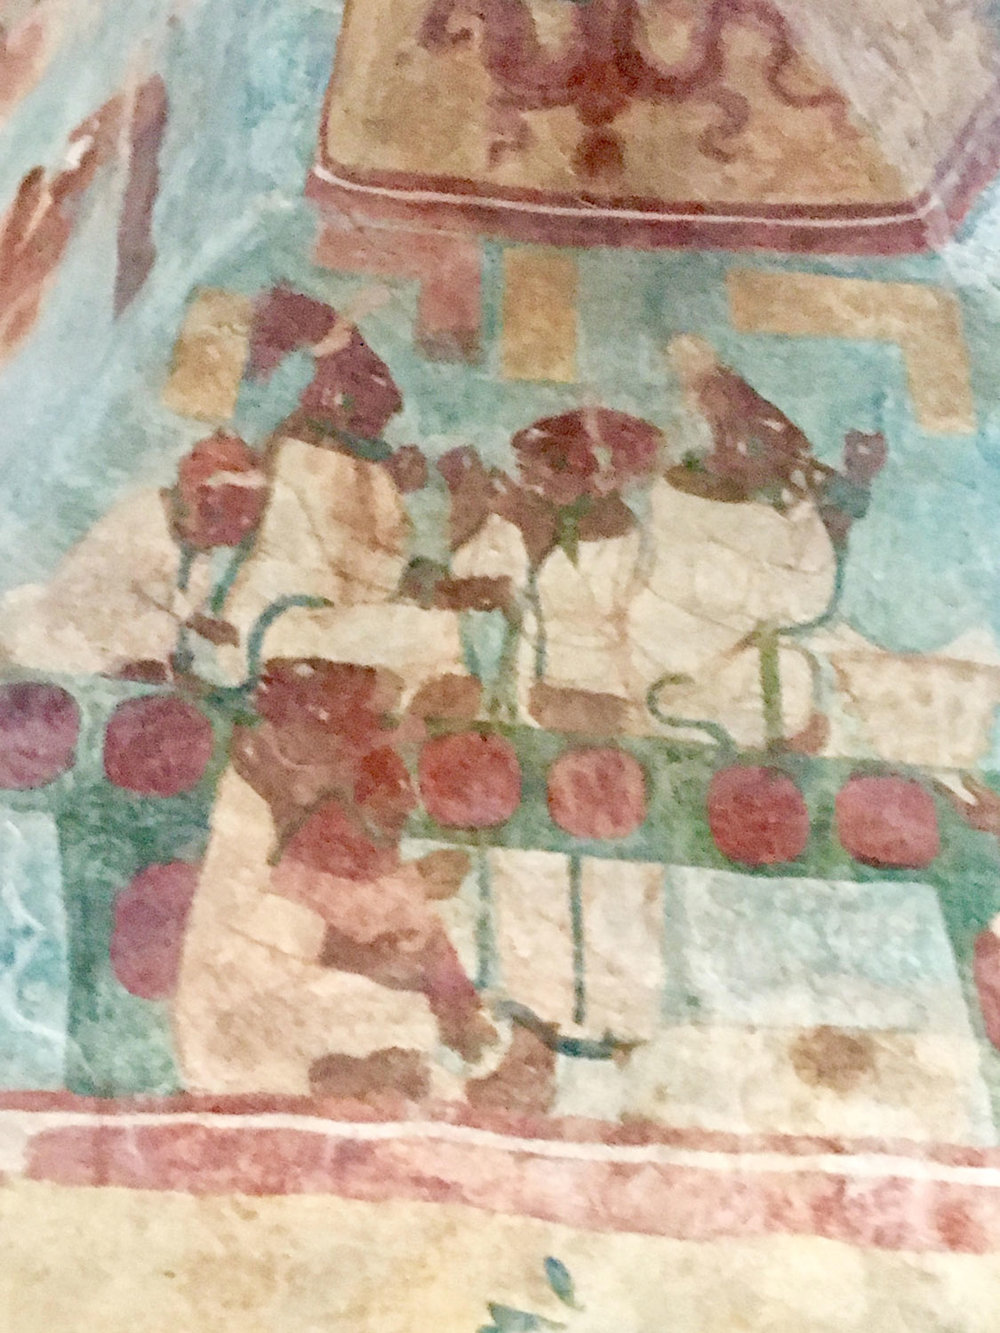 Hammocks_and_Ruins_Blog_Riviera_Maya_Mexico_Travel_Discover_Explore_What_to_do_Ruins_Bonompak_6.jpg